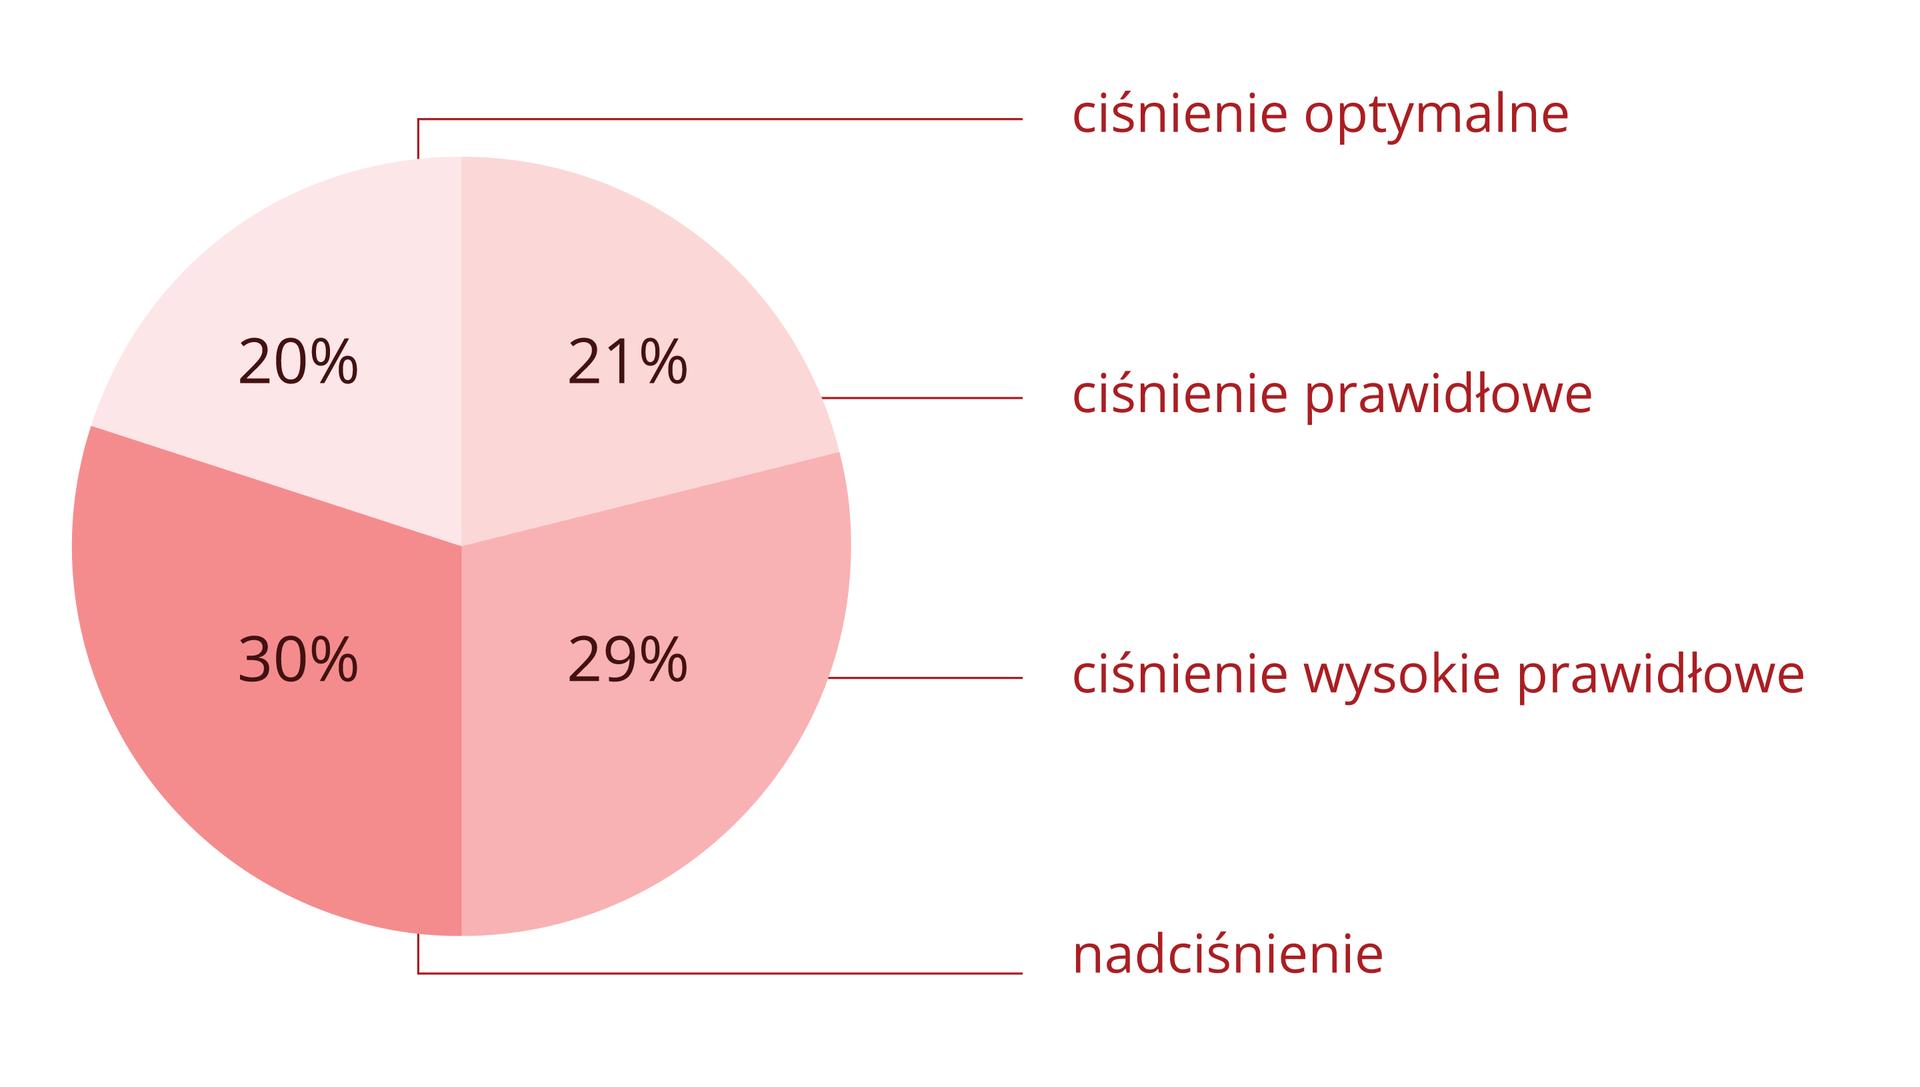 Diagram kołowy wodcieniach różowego przedstawia procent Polaków, którzy mają ciśnienie: optymalne, prawidłowe, wysokie prawidłowe inadciśnienie.